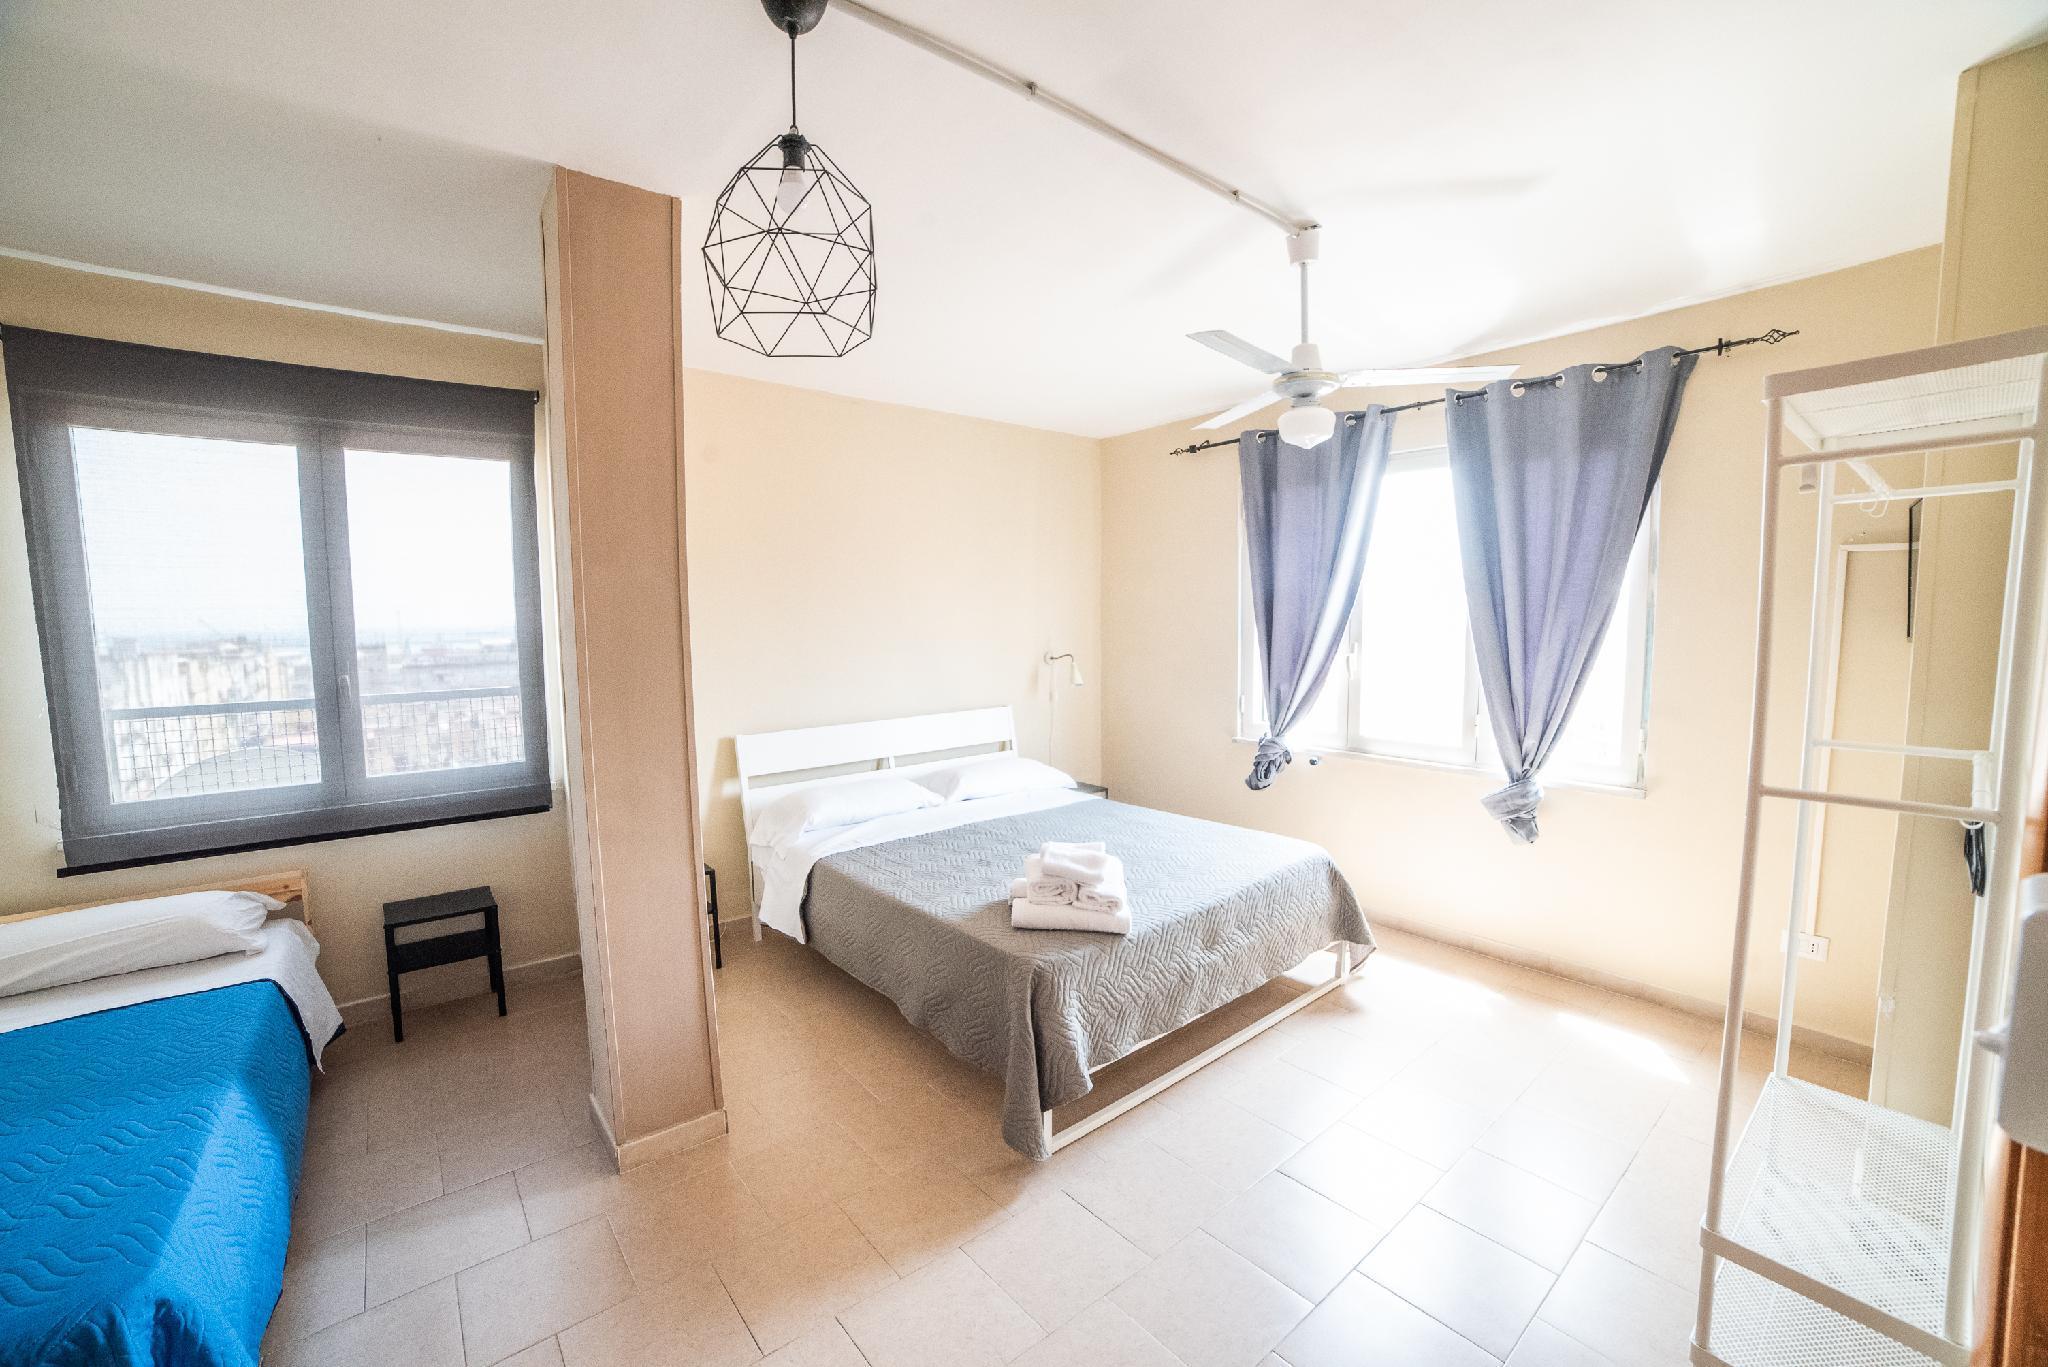 Departure Rooms 'n Hostels